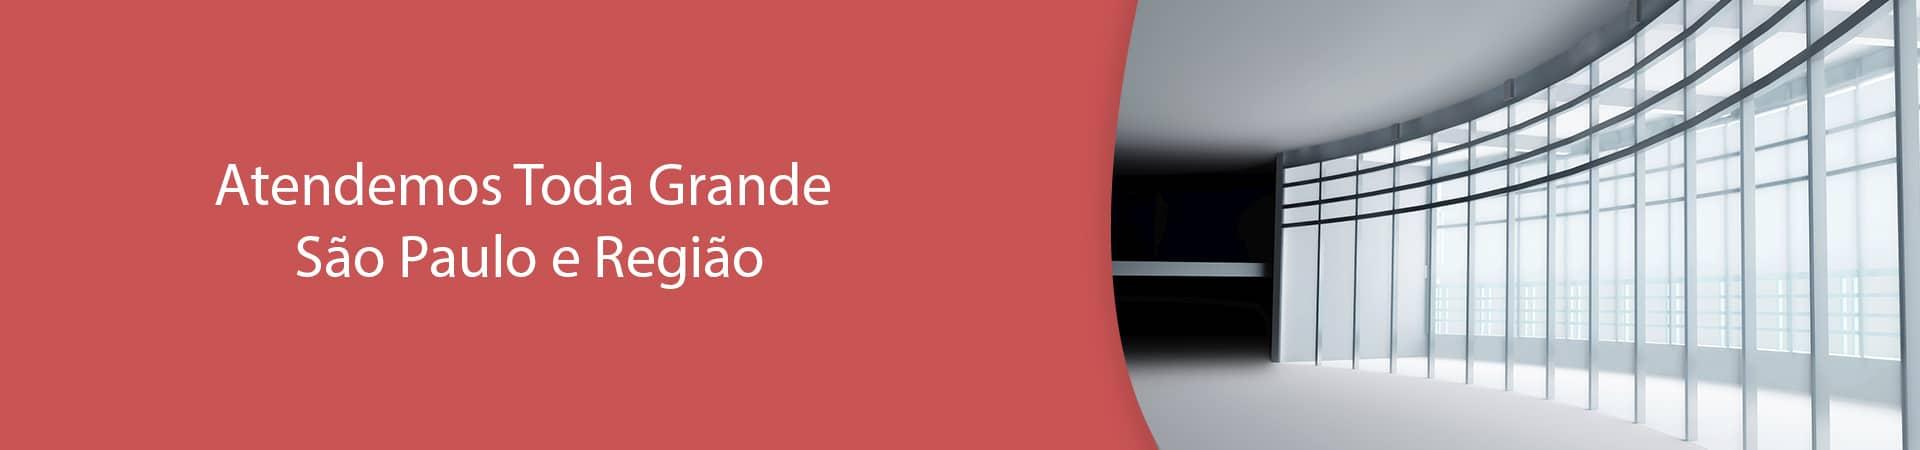 Atendemos toda a grande São Paulo e Região